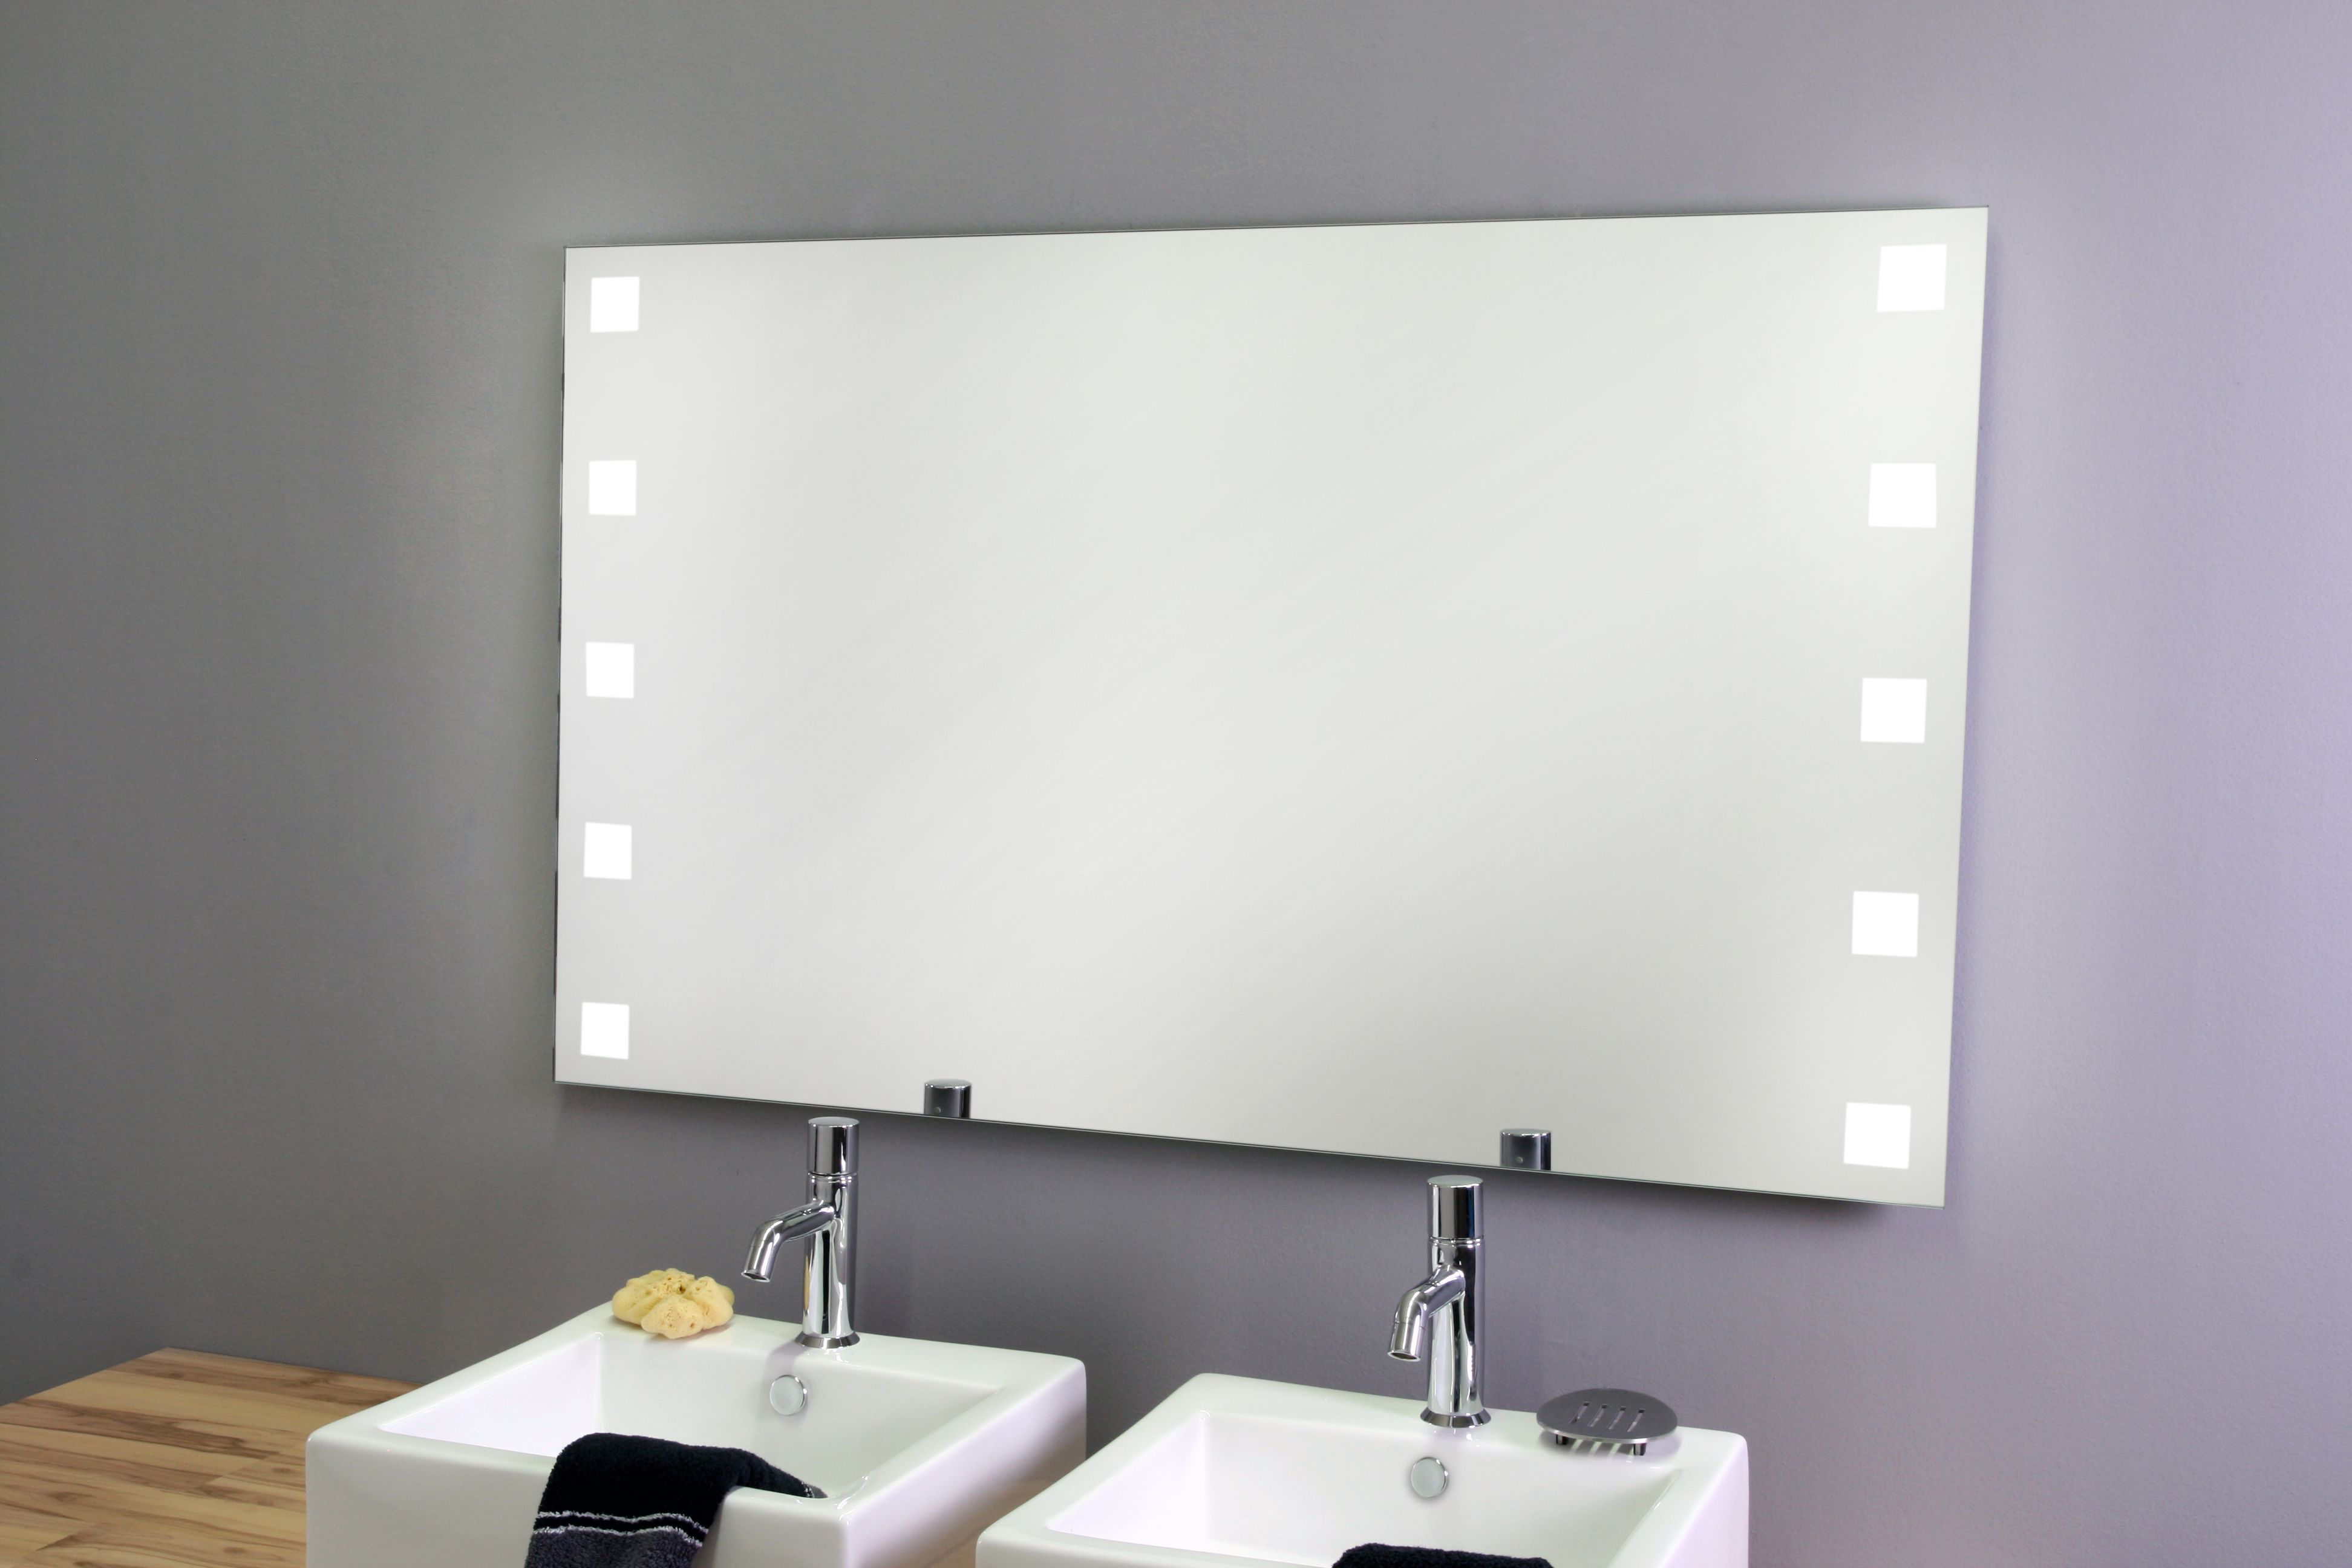 Led Spiegel Carre Side Wohnzimmer Spiegel Wandspiegel Modern Badspiegel